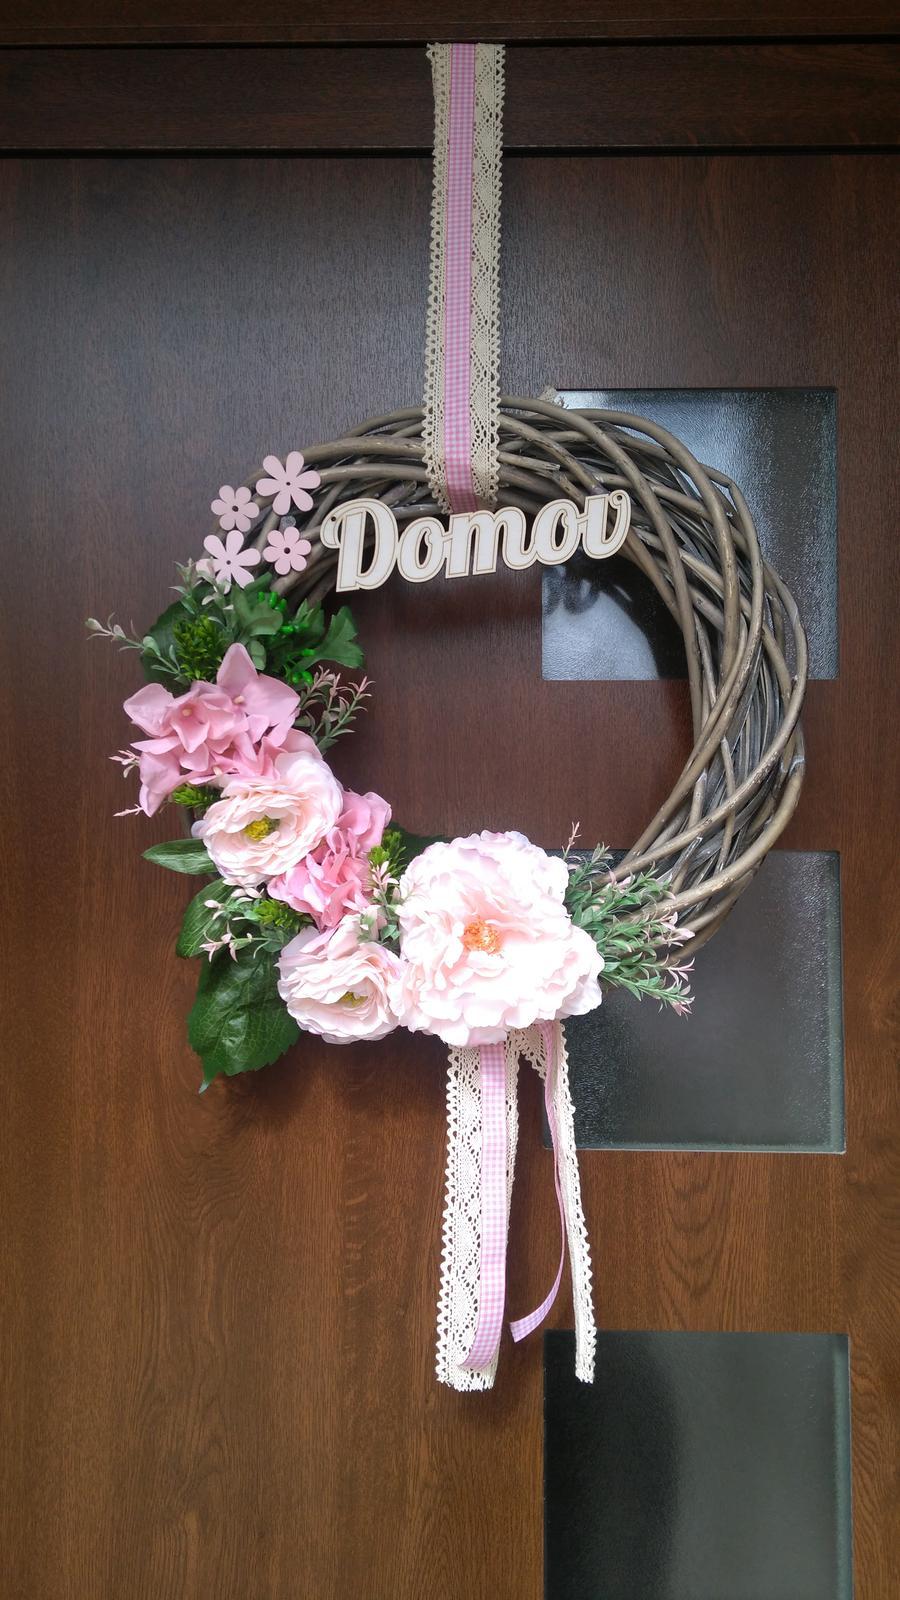 U nas DOMA   👪💟 - Nový veniec na dvere...